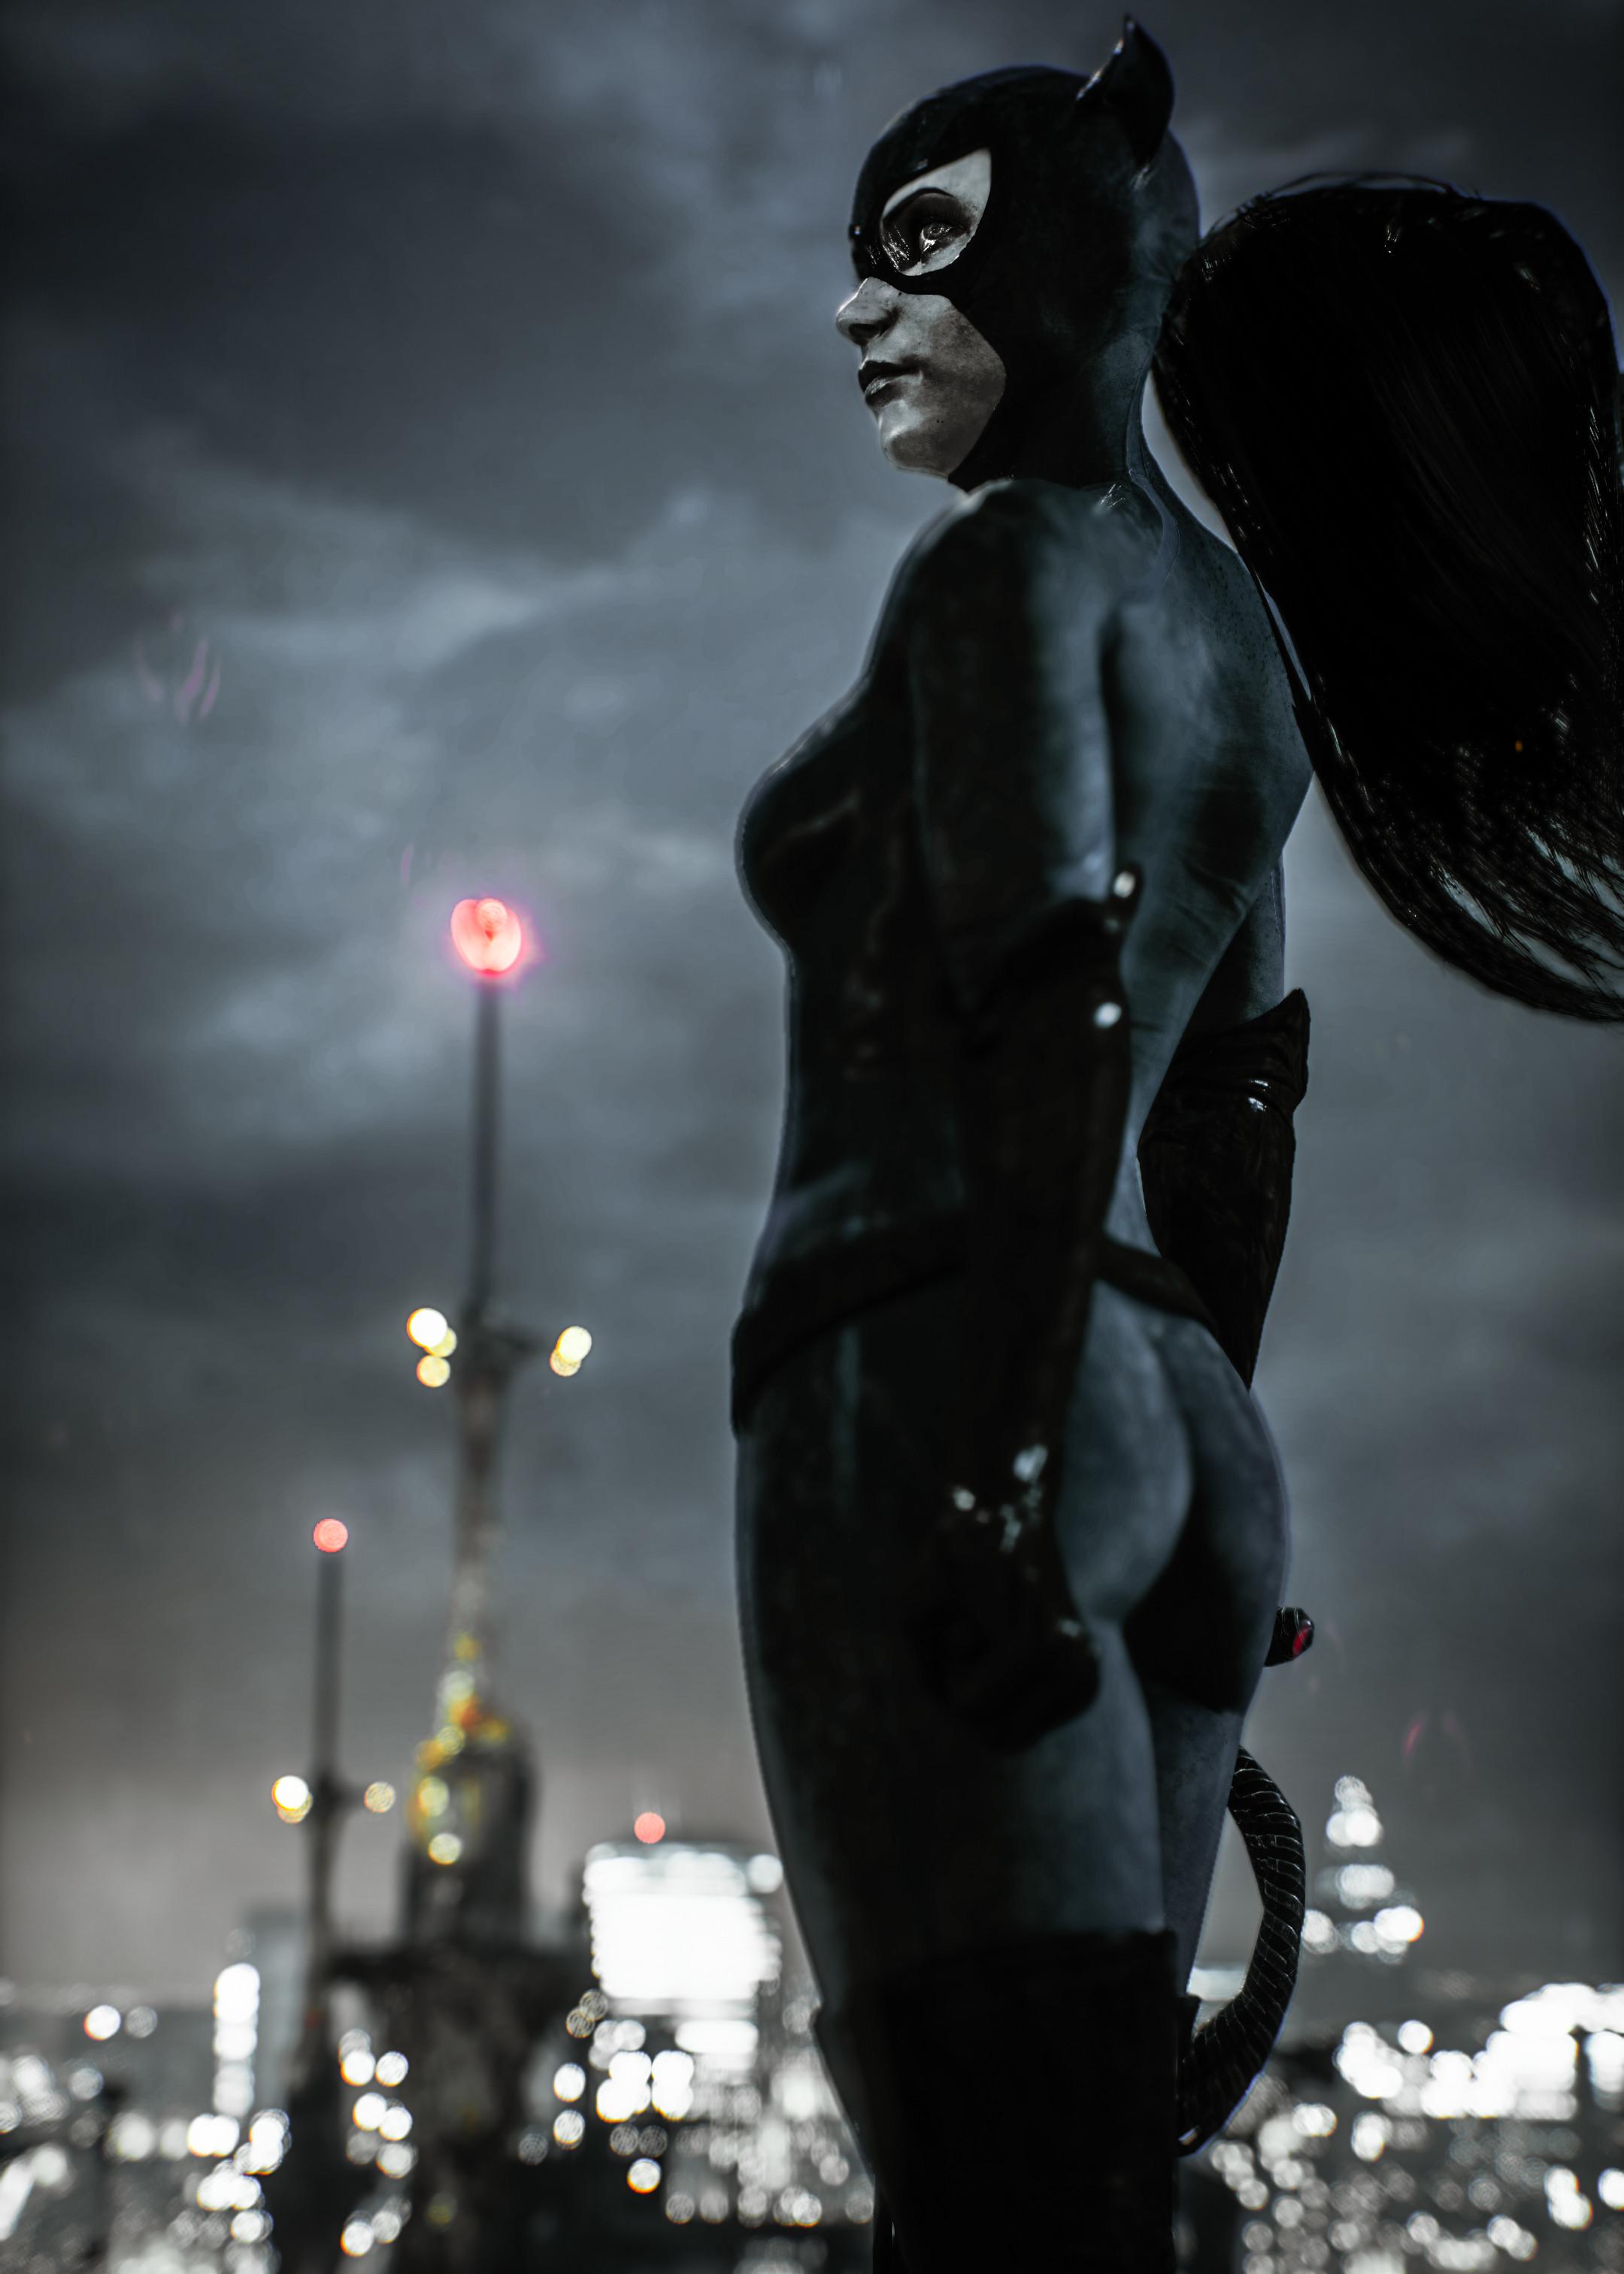 32065837208_b9d82b169f_3k.jpg - Batman: Arkham Knight